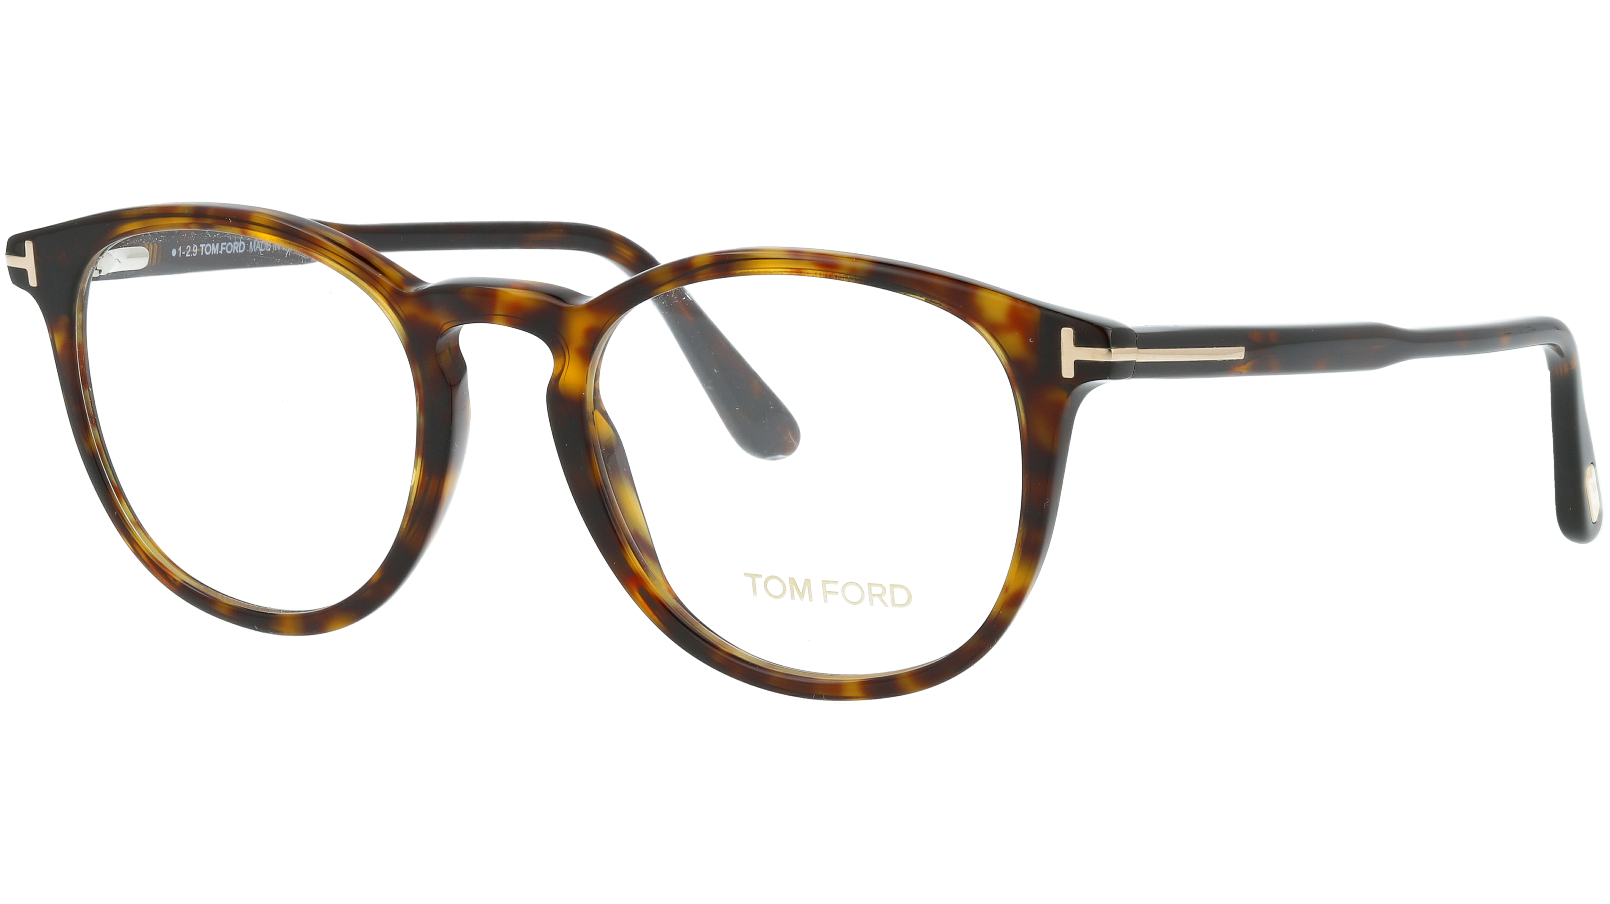 Tom Ford TF5401 052 51 Havana Glasses